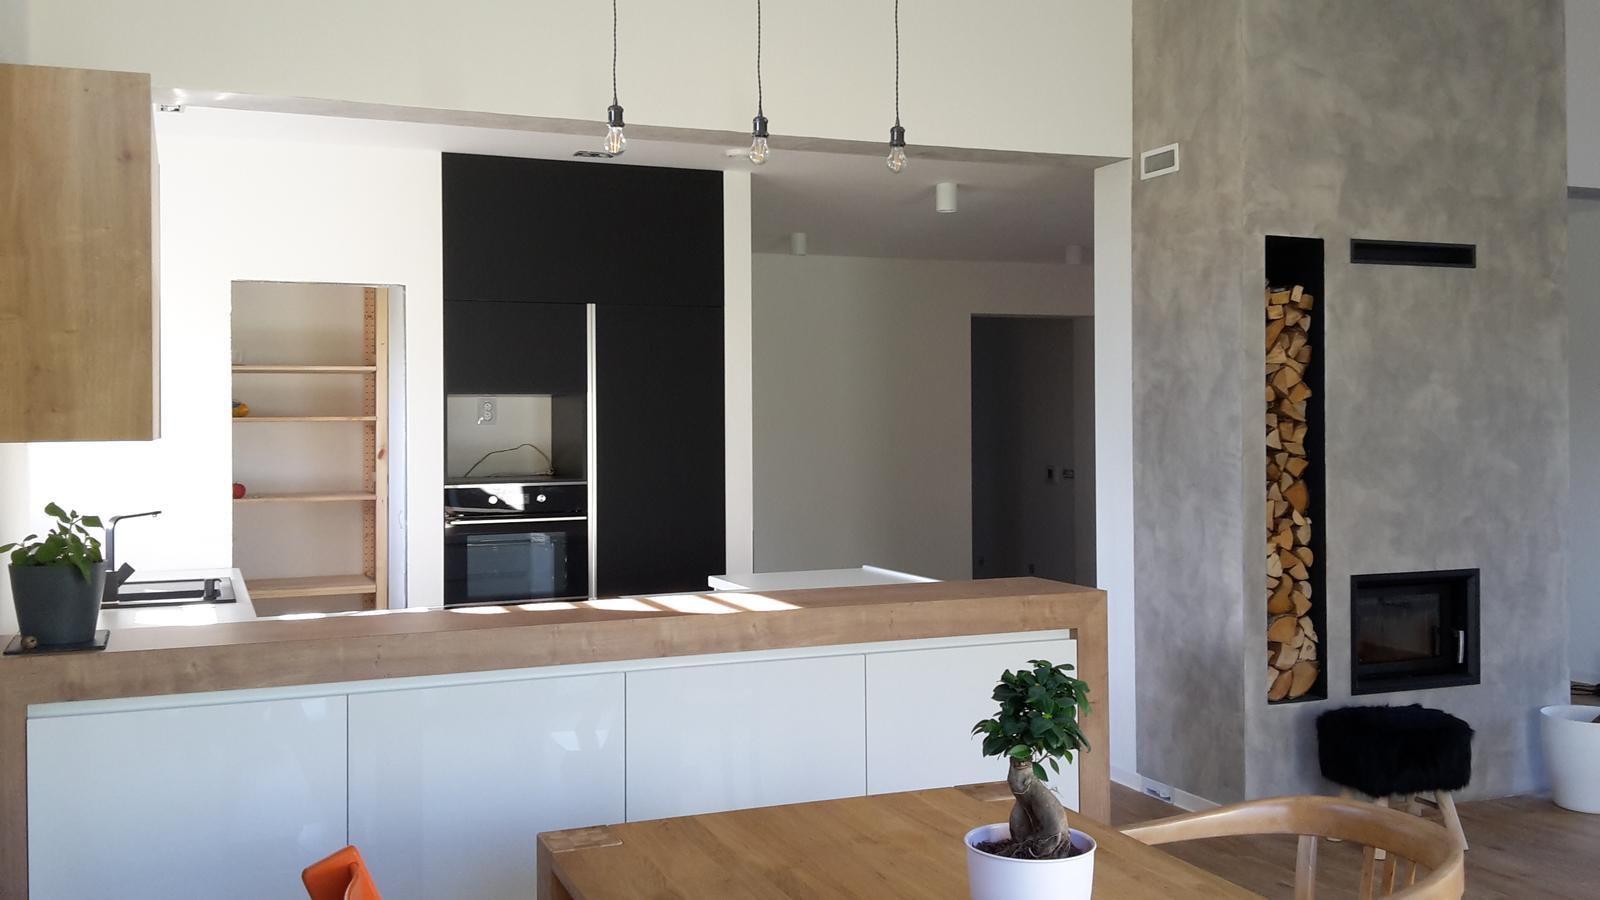 Domeček - Kuchyň skoro hotova, ještě dveře do spíže, stěrka  na zeď, mikrovlnka. ...